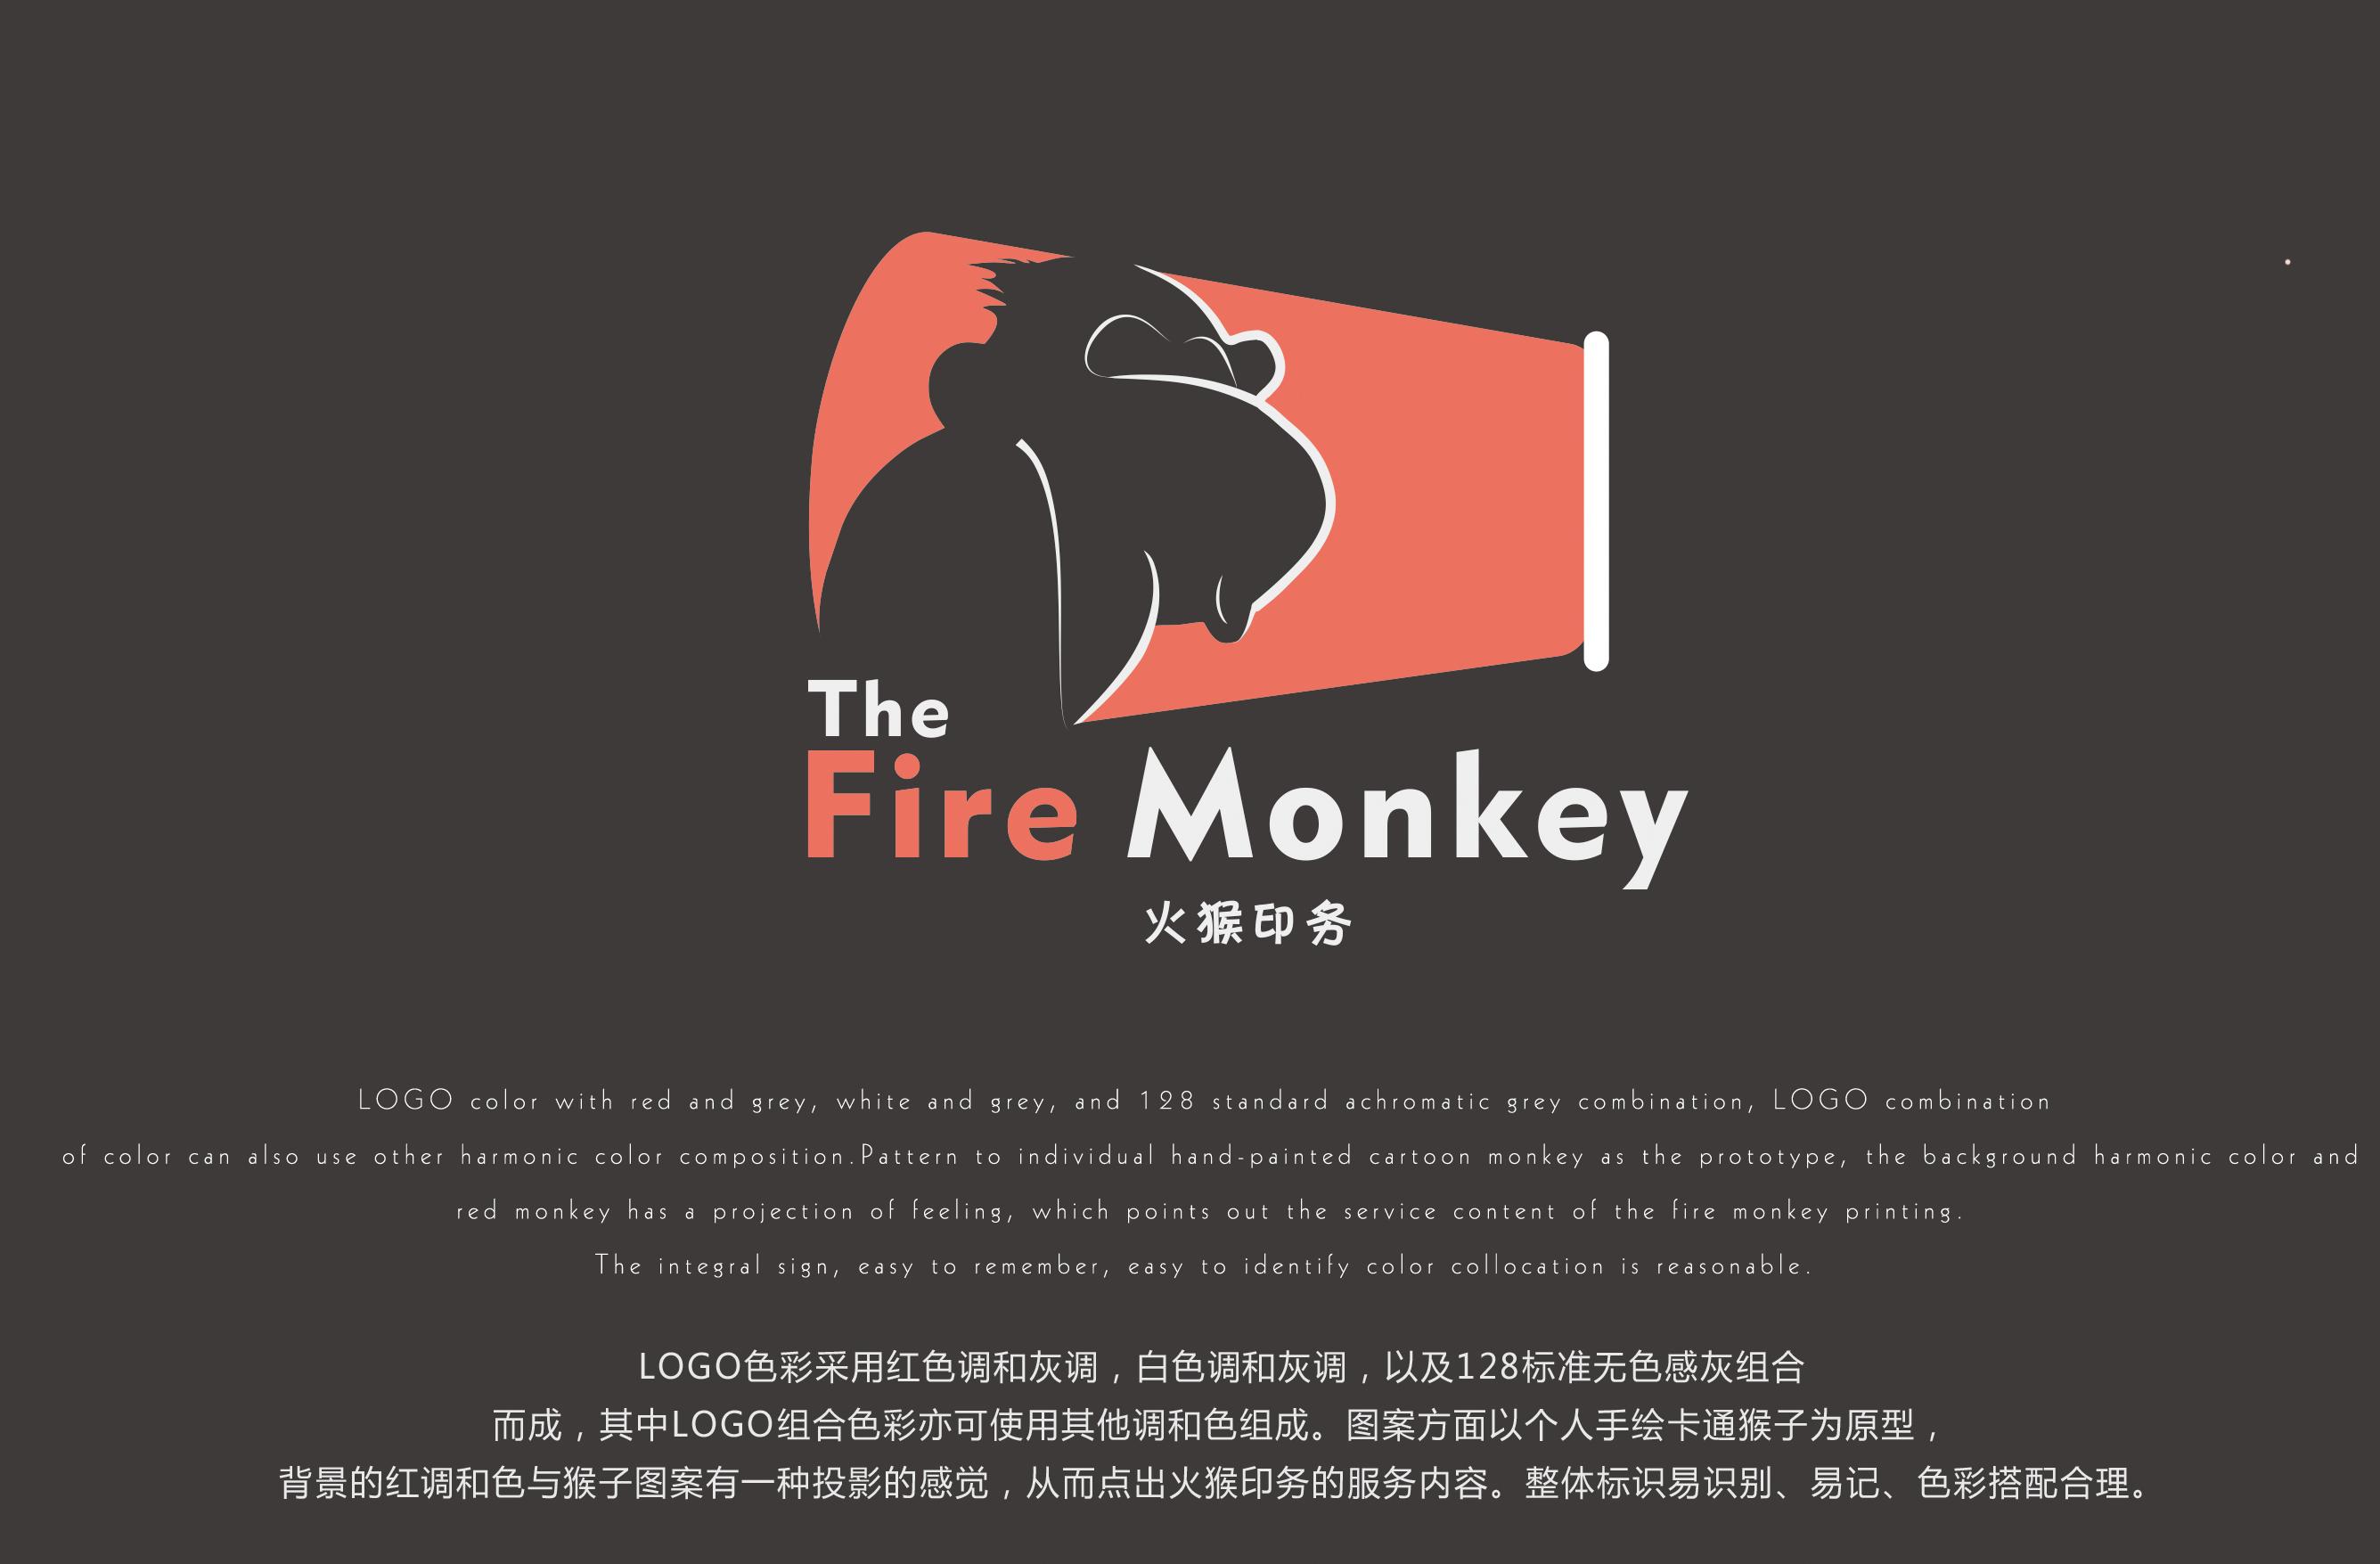 南宁火猴印务工作室logo设计